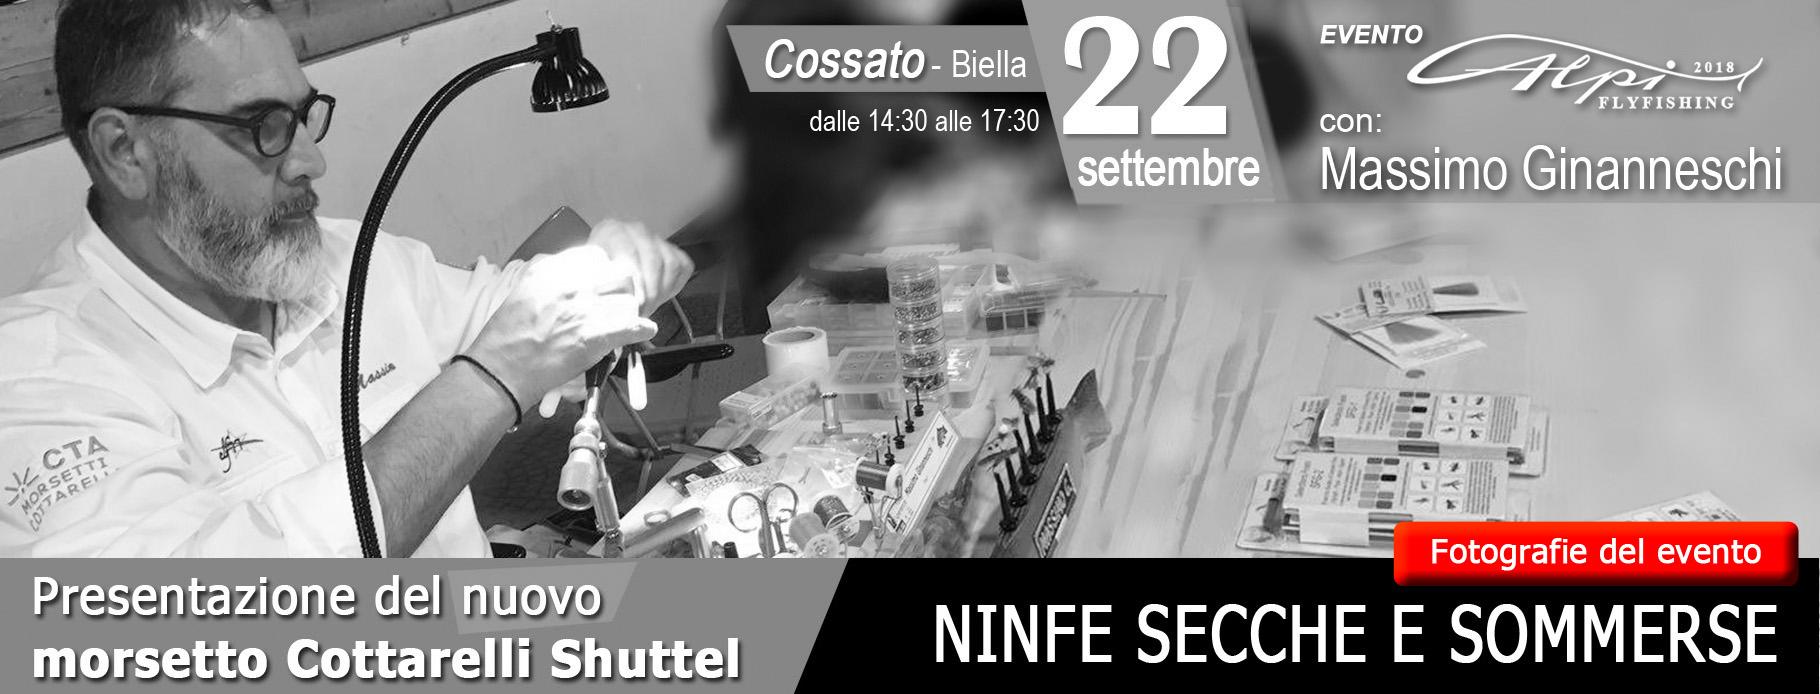 22 settembre con Massimo Ginanneschi